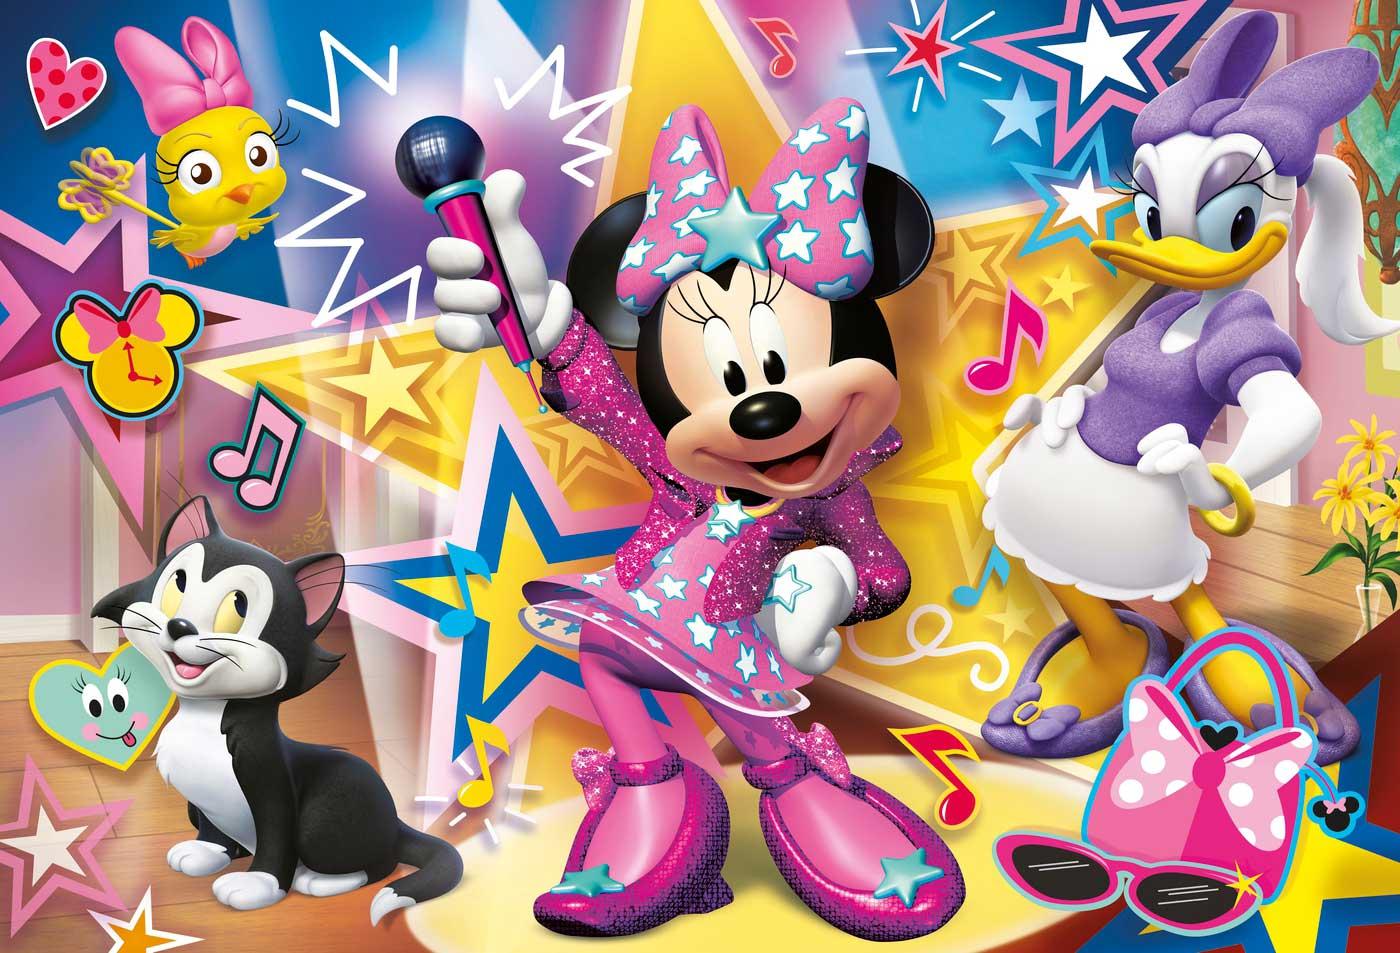 Puzzle Clementoni Minnie Mouse Maxi 60 Piezas